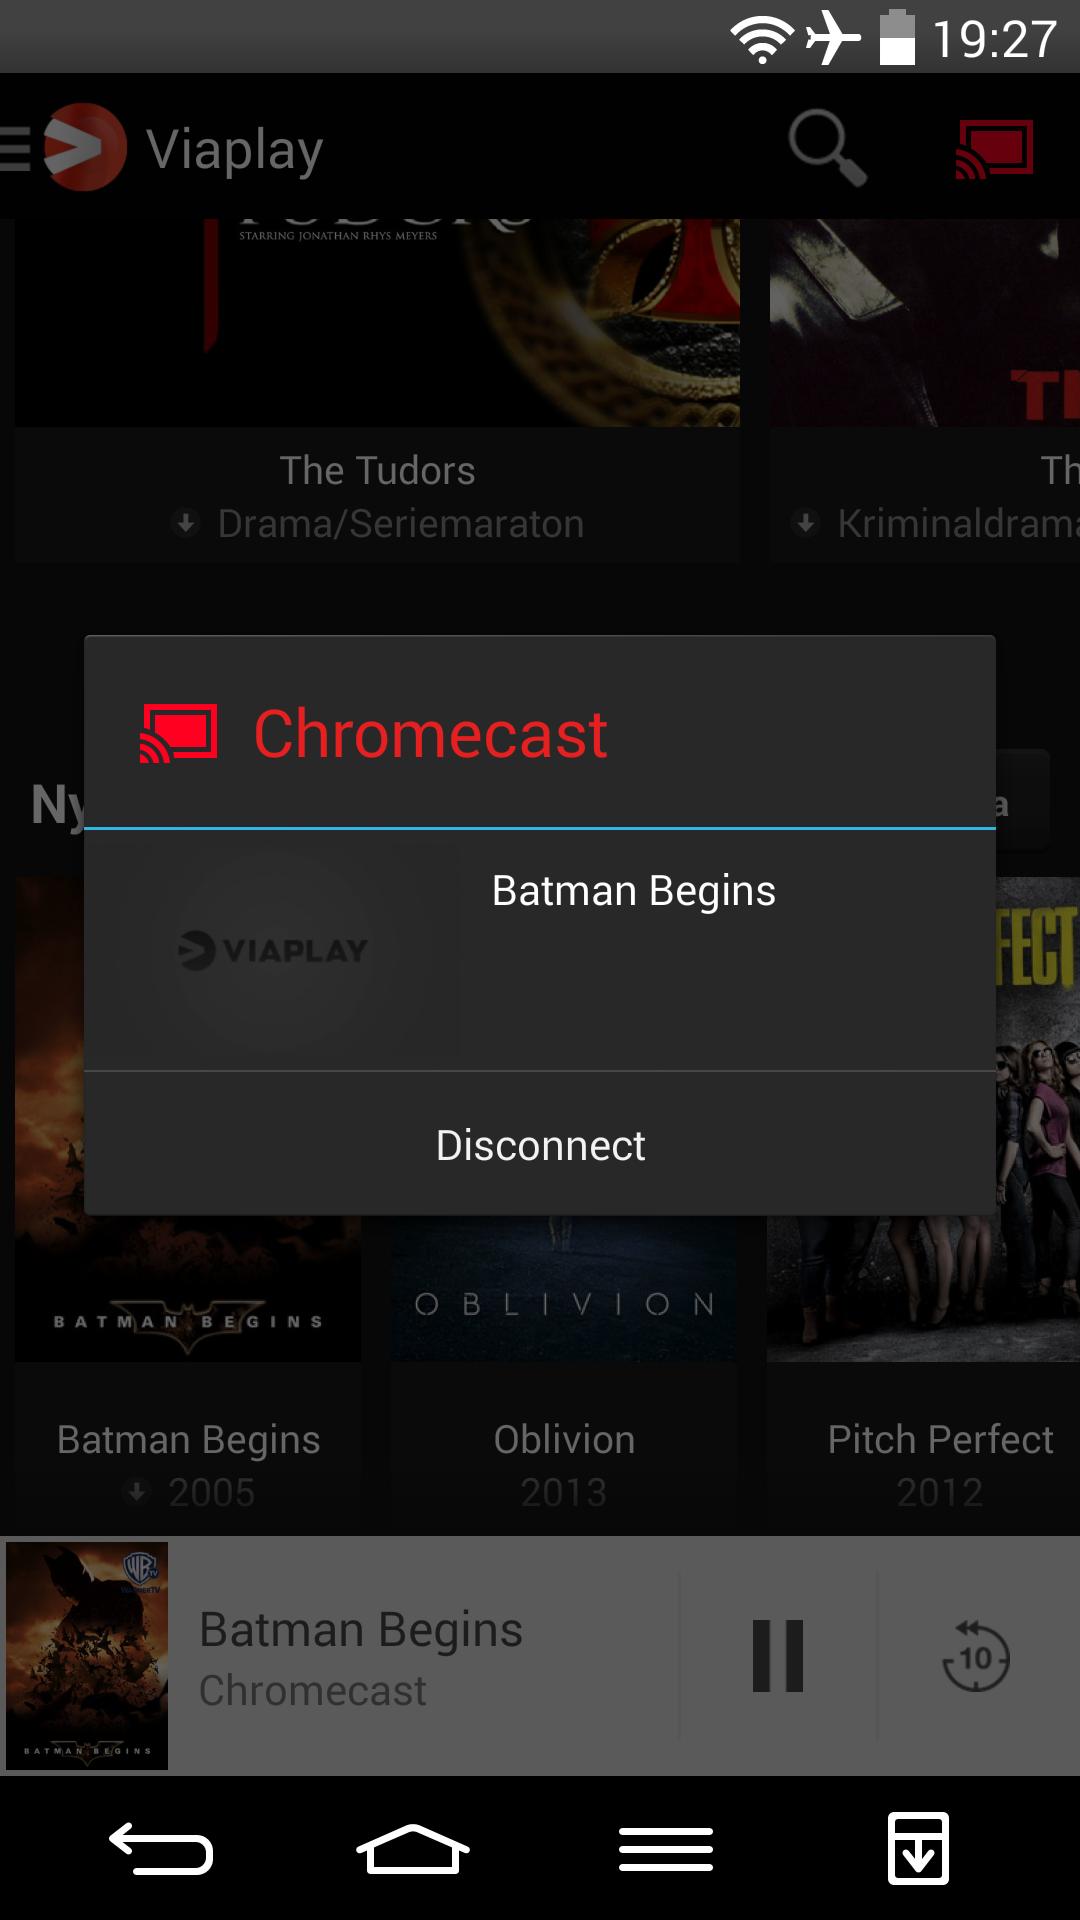 viaplay chromecast